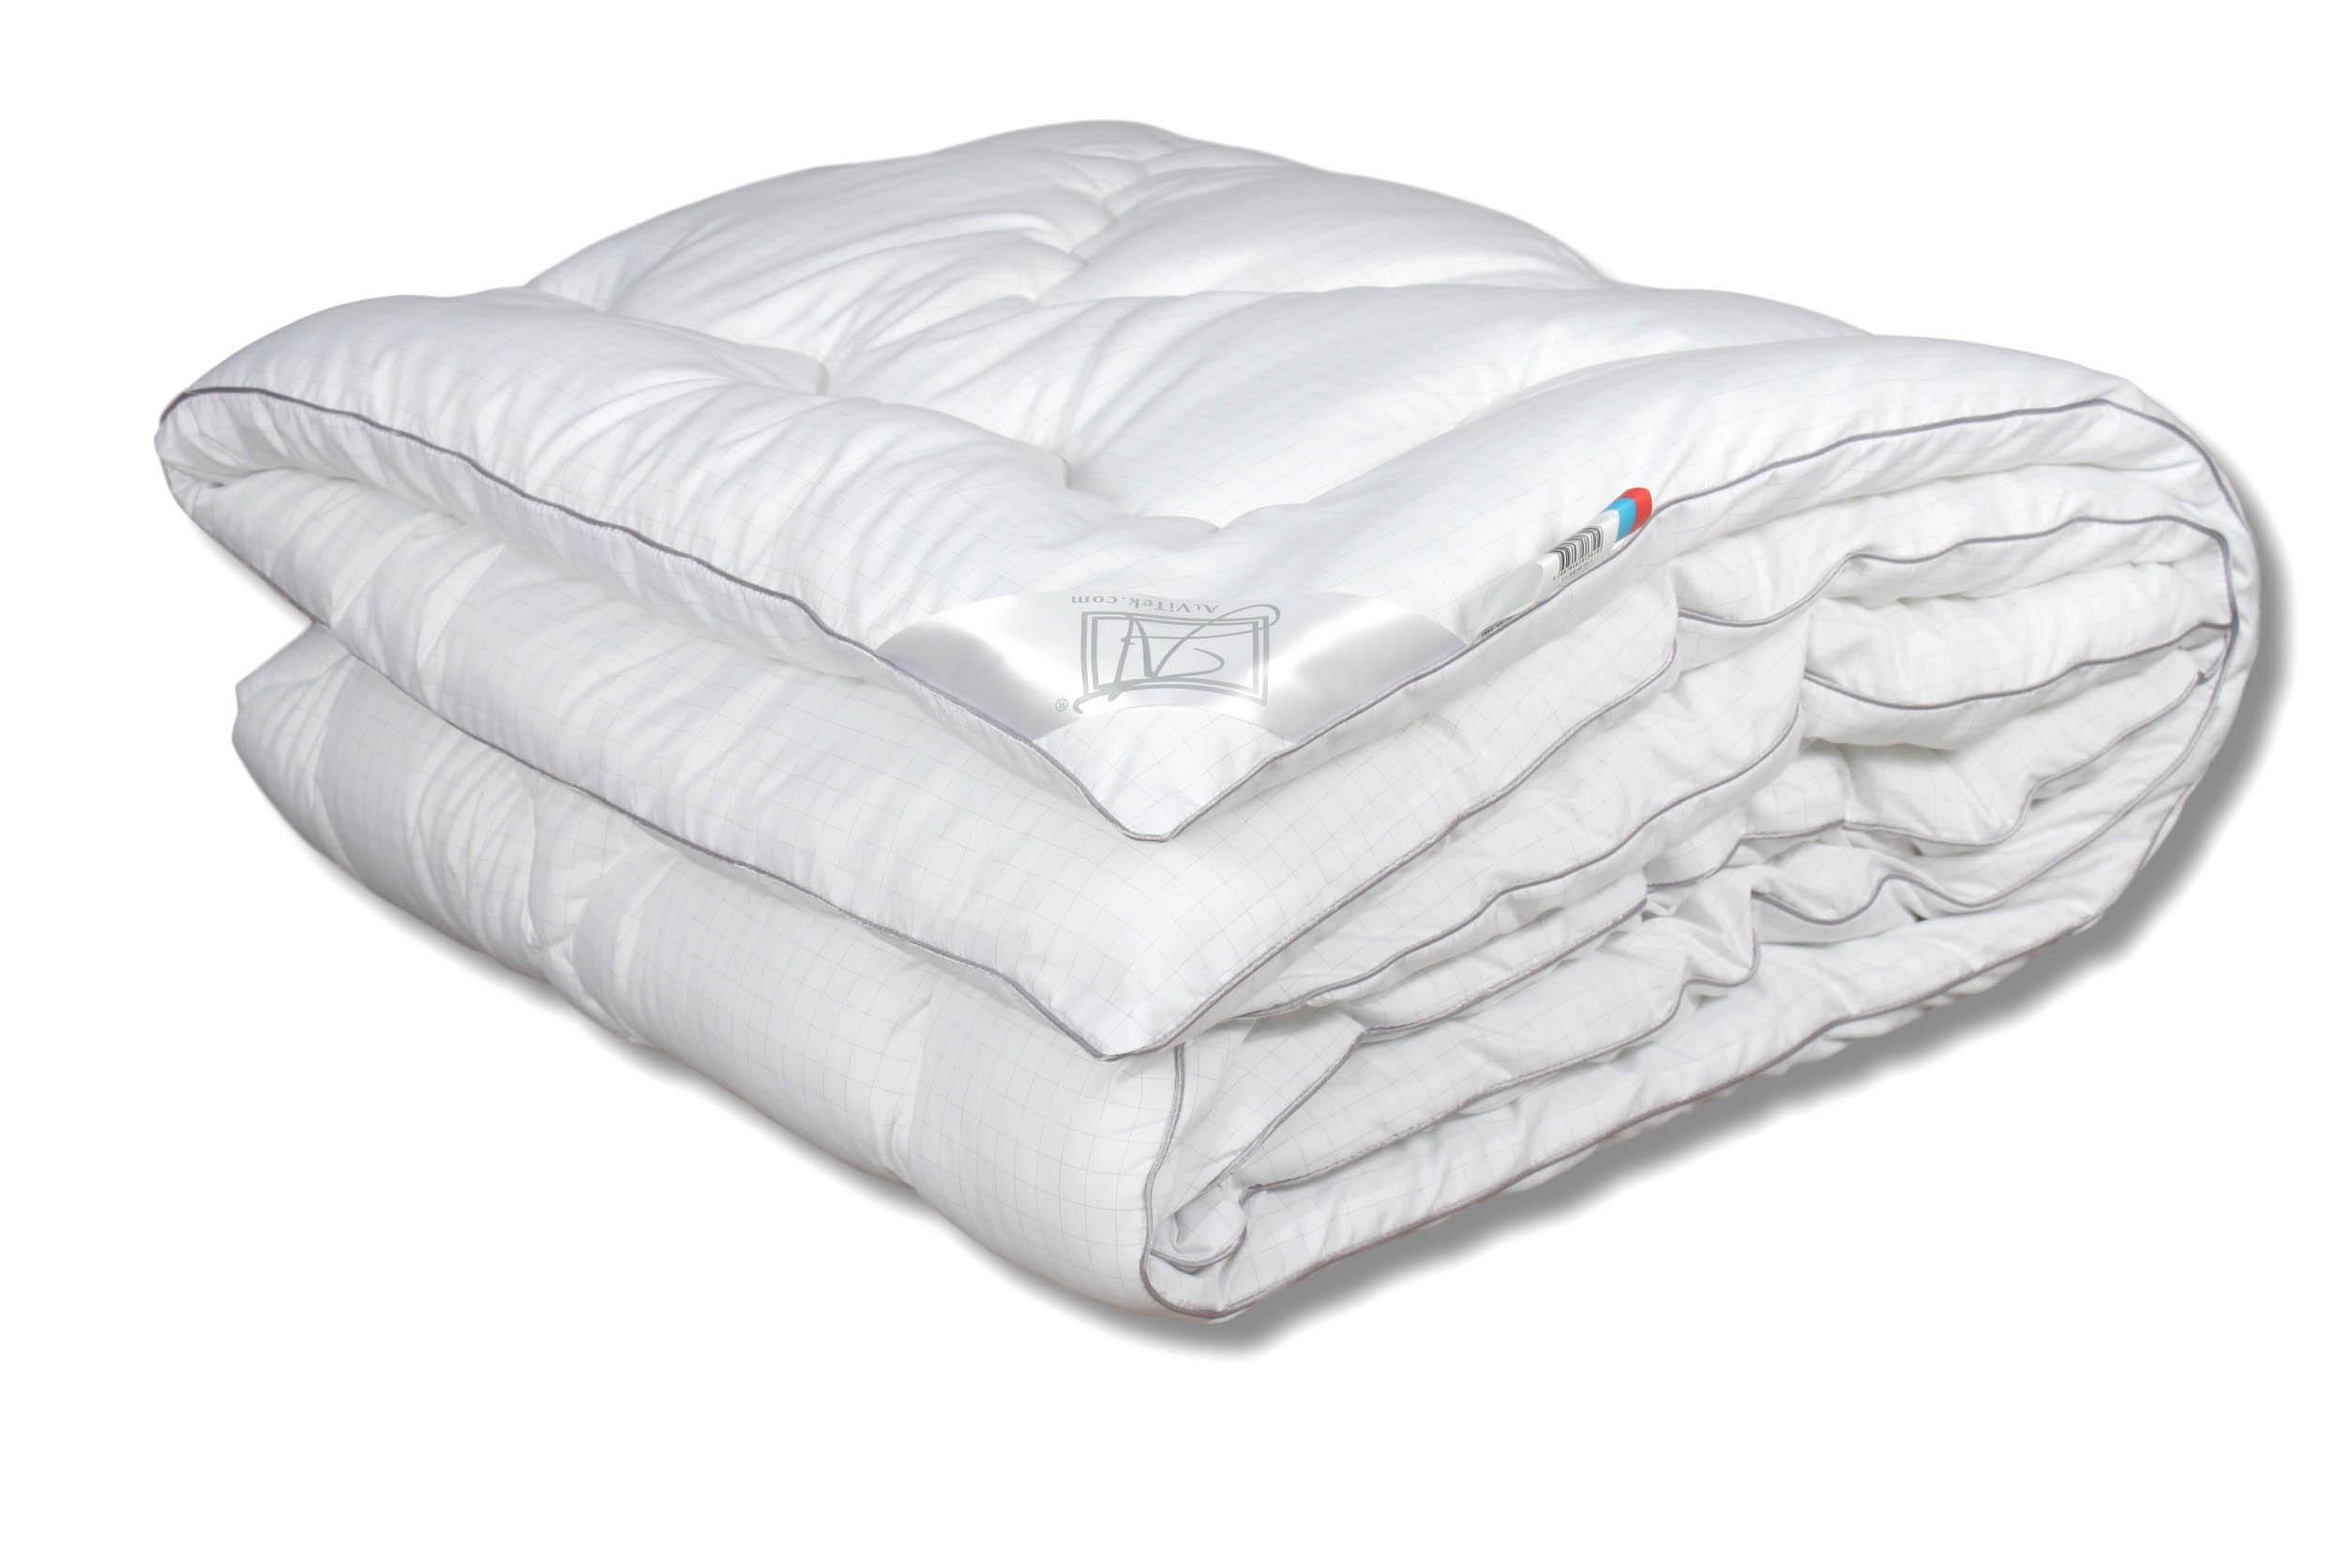 Одеяла AlViTek Одеяло Карбон Легкое (172х205 см) одеяла alvitek одеяло бризлегкое 200x220 см